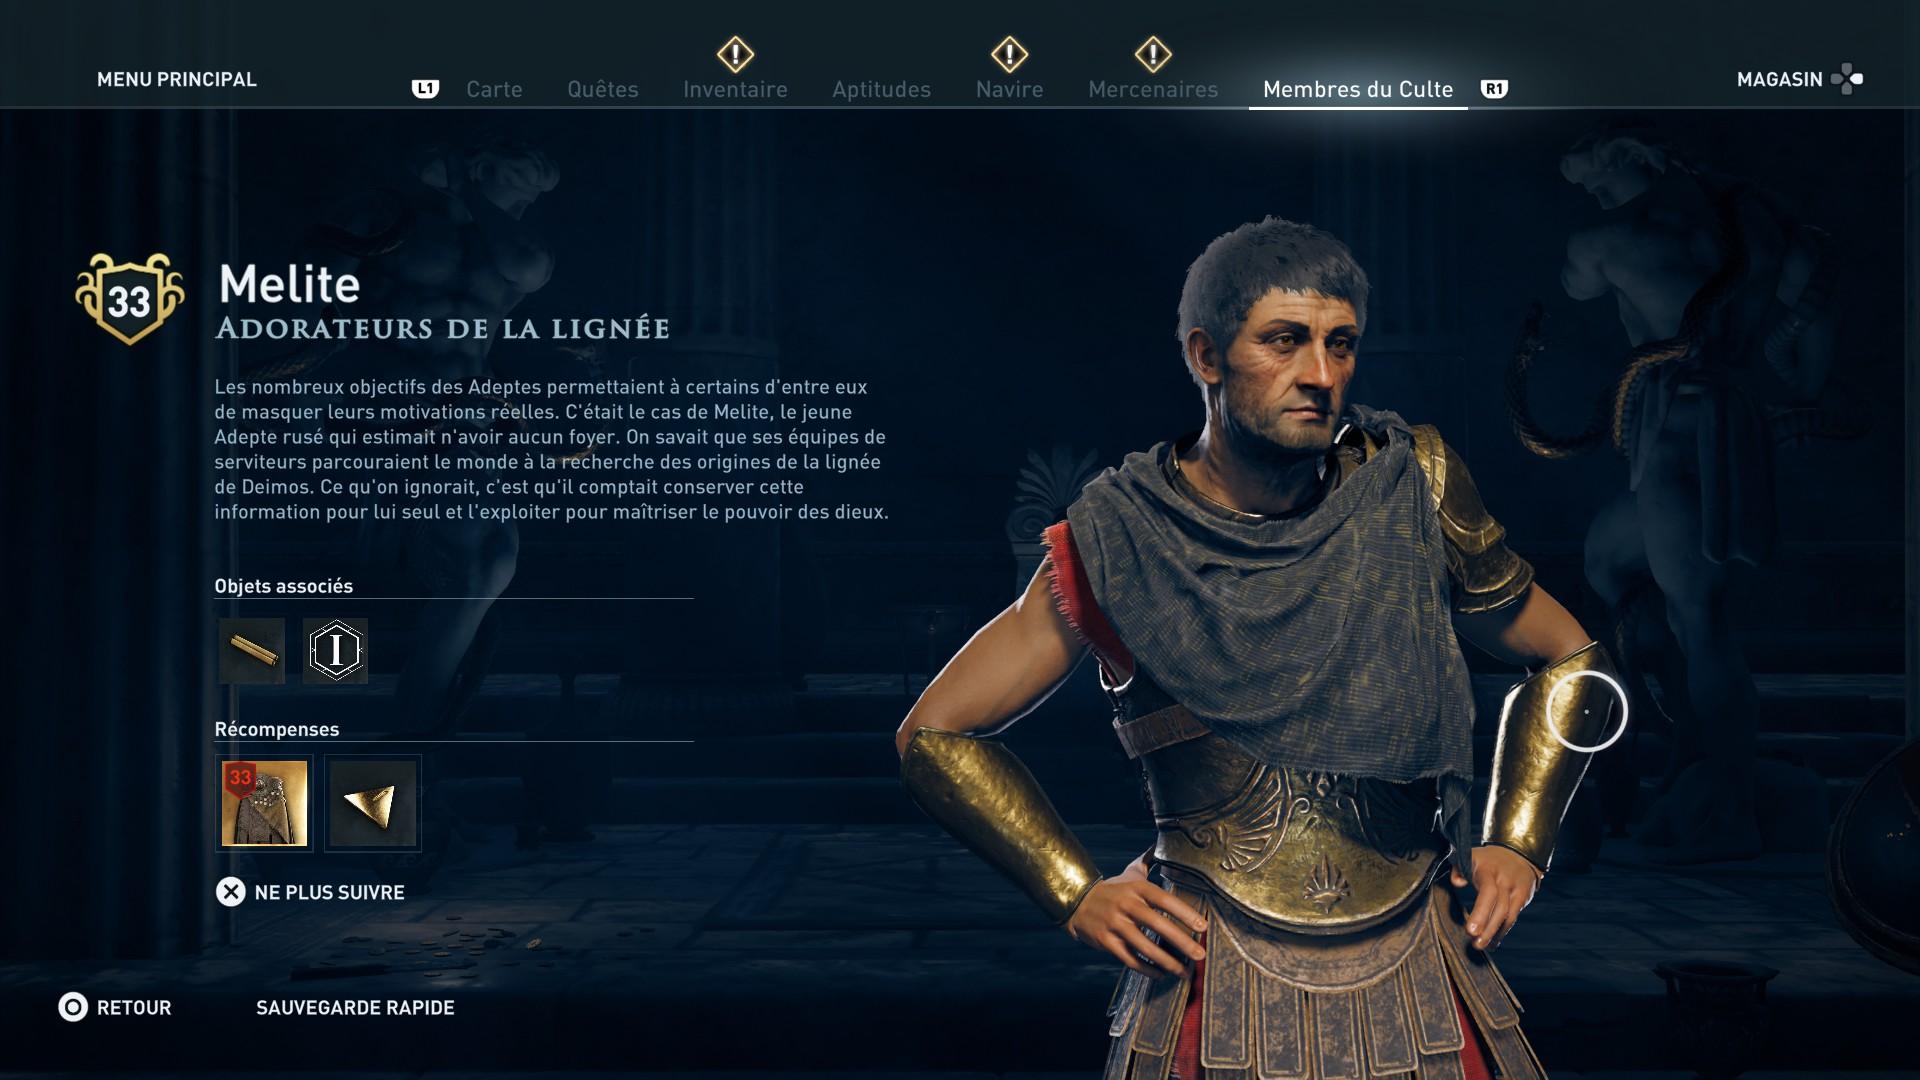 Assassin's Creed Odyssey trouver et tuer les adeptes du culte du Kosmos, ps4, xbox one, pc, ubisoft, jeu vidéo, adorateur de la lignée